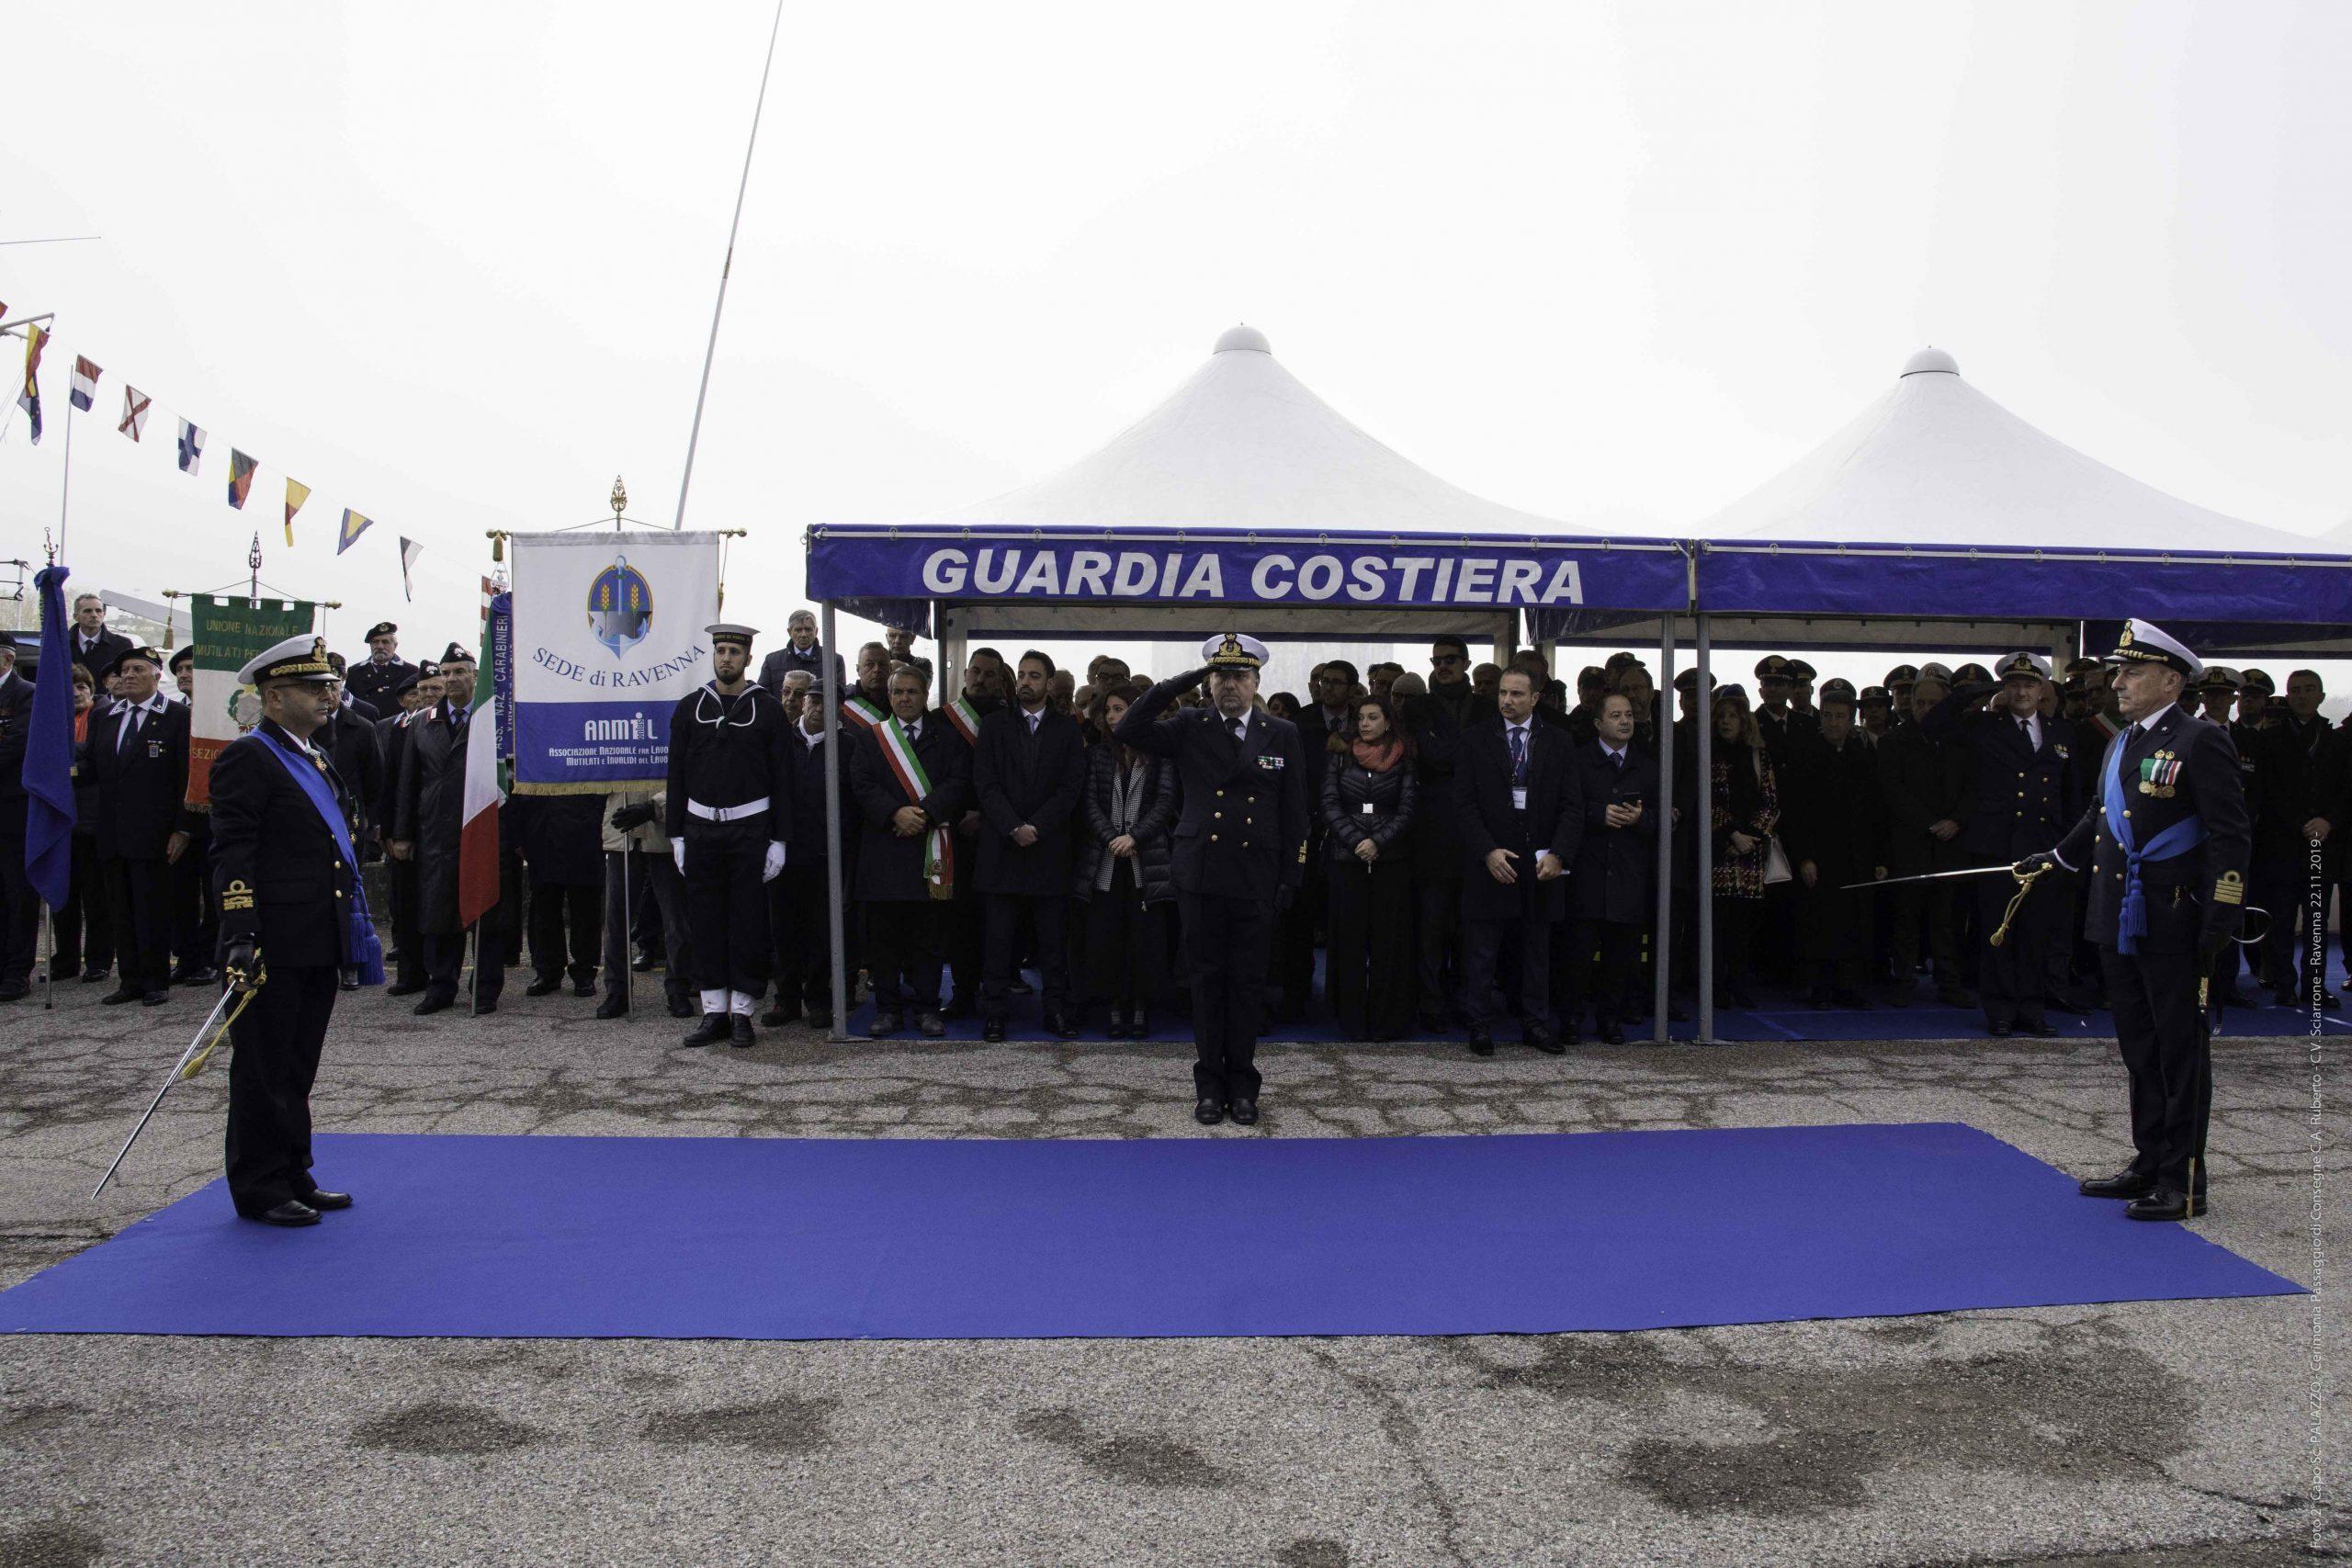 Cambio della guardia in Capitaneria a Ravenna: insediato Sciarrone